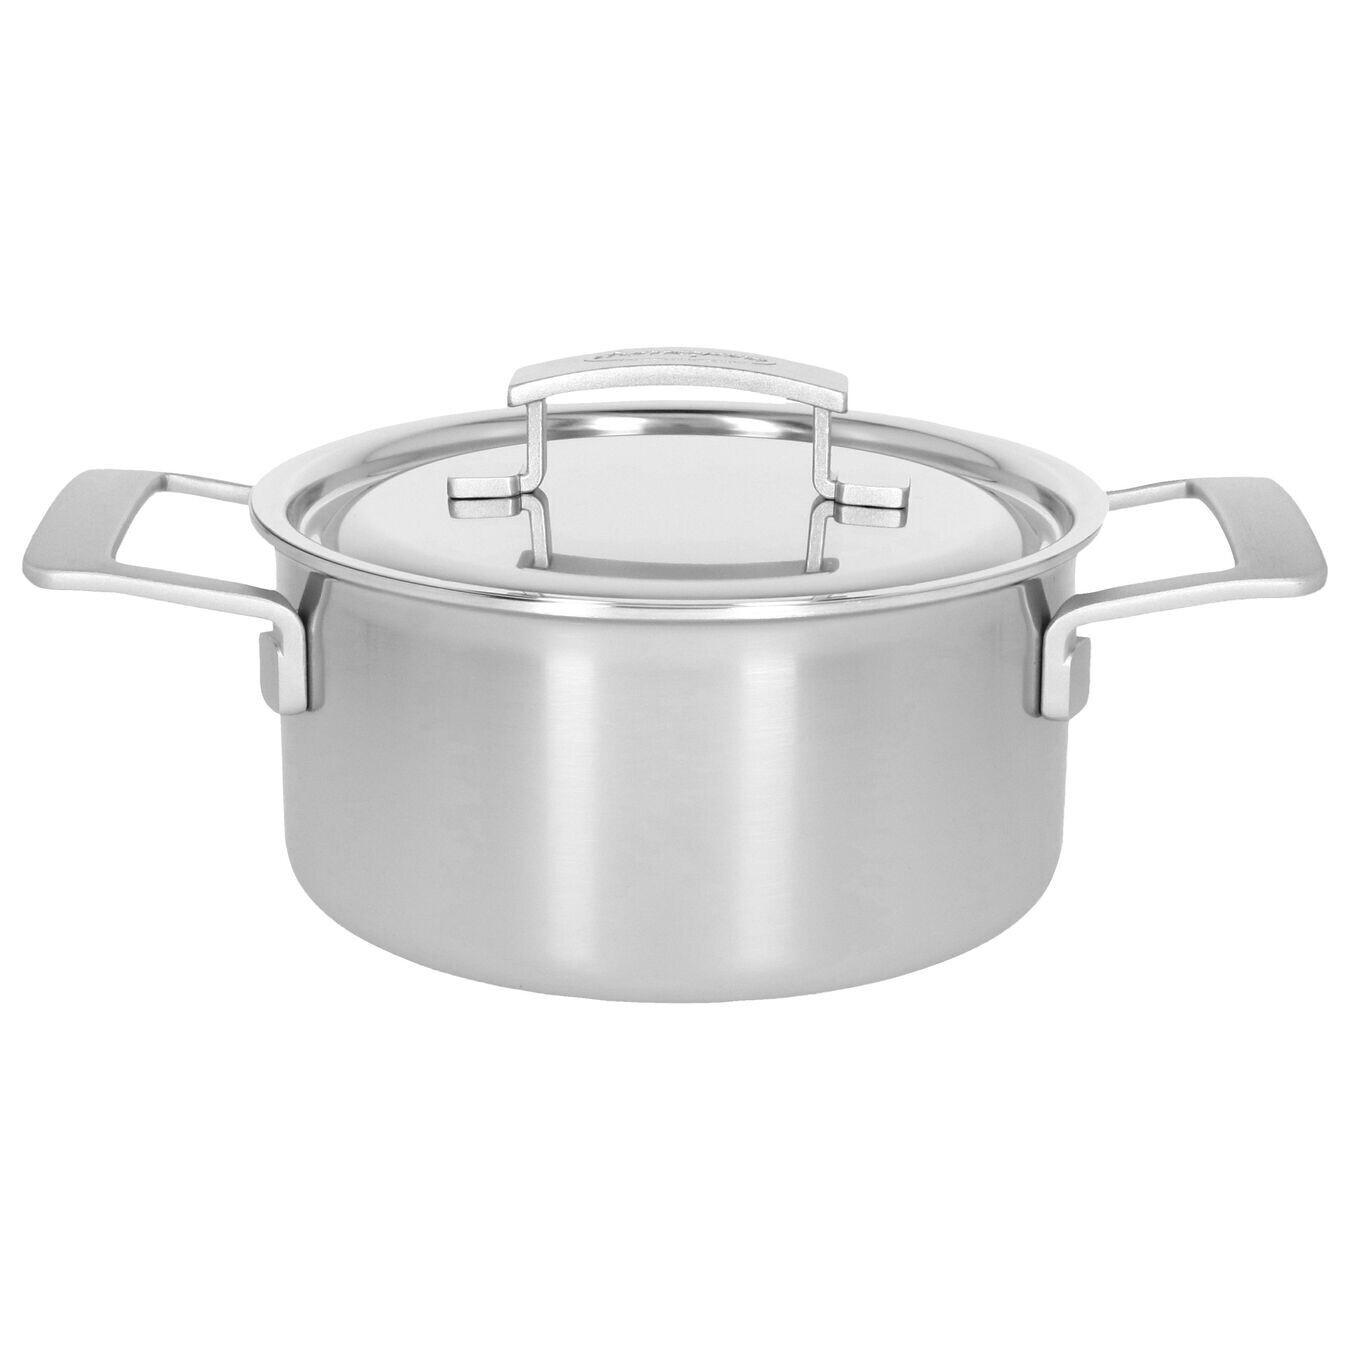 DEMEYERE 'industry 5' kookpot met deksel 20cm / 3L   PROMO 175,00 -30%